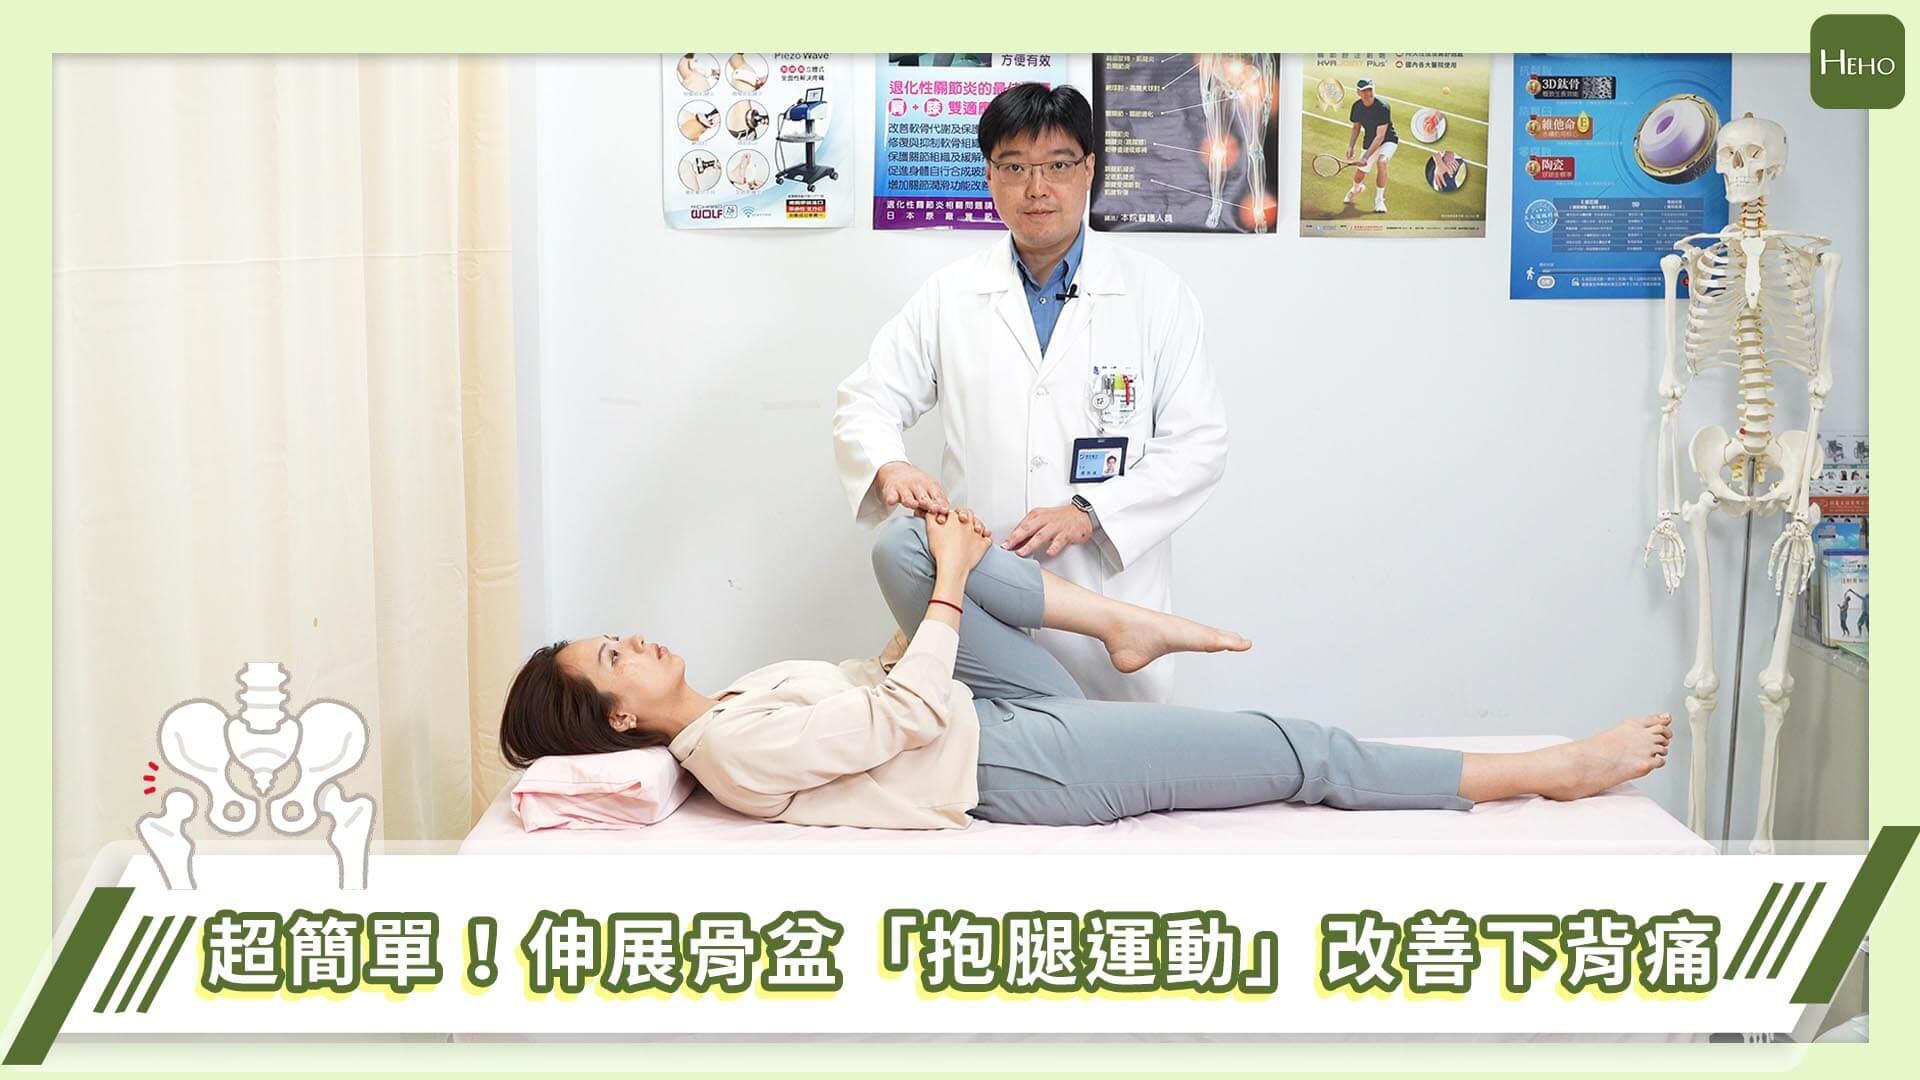 【影片】舒緩腰痛超簡單!醫師教你伸展骨盆「抱膝直腿運動」就能改善下背痛